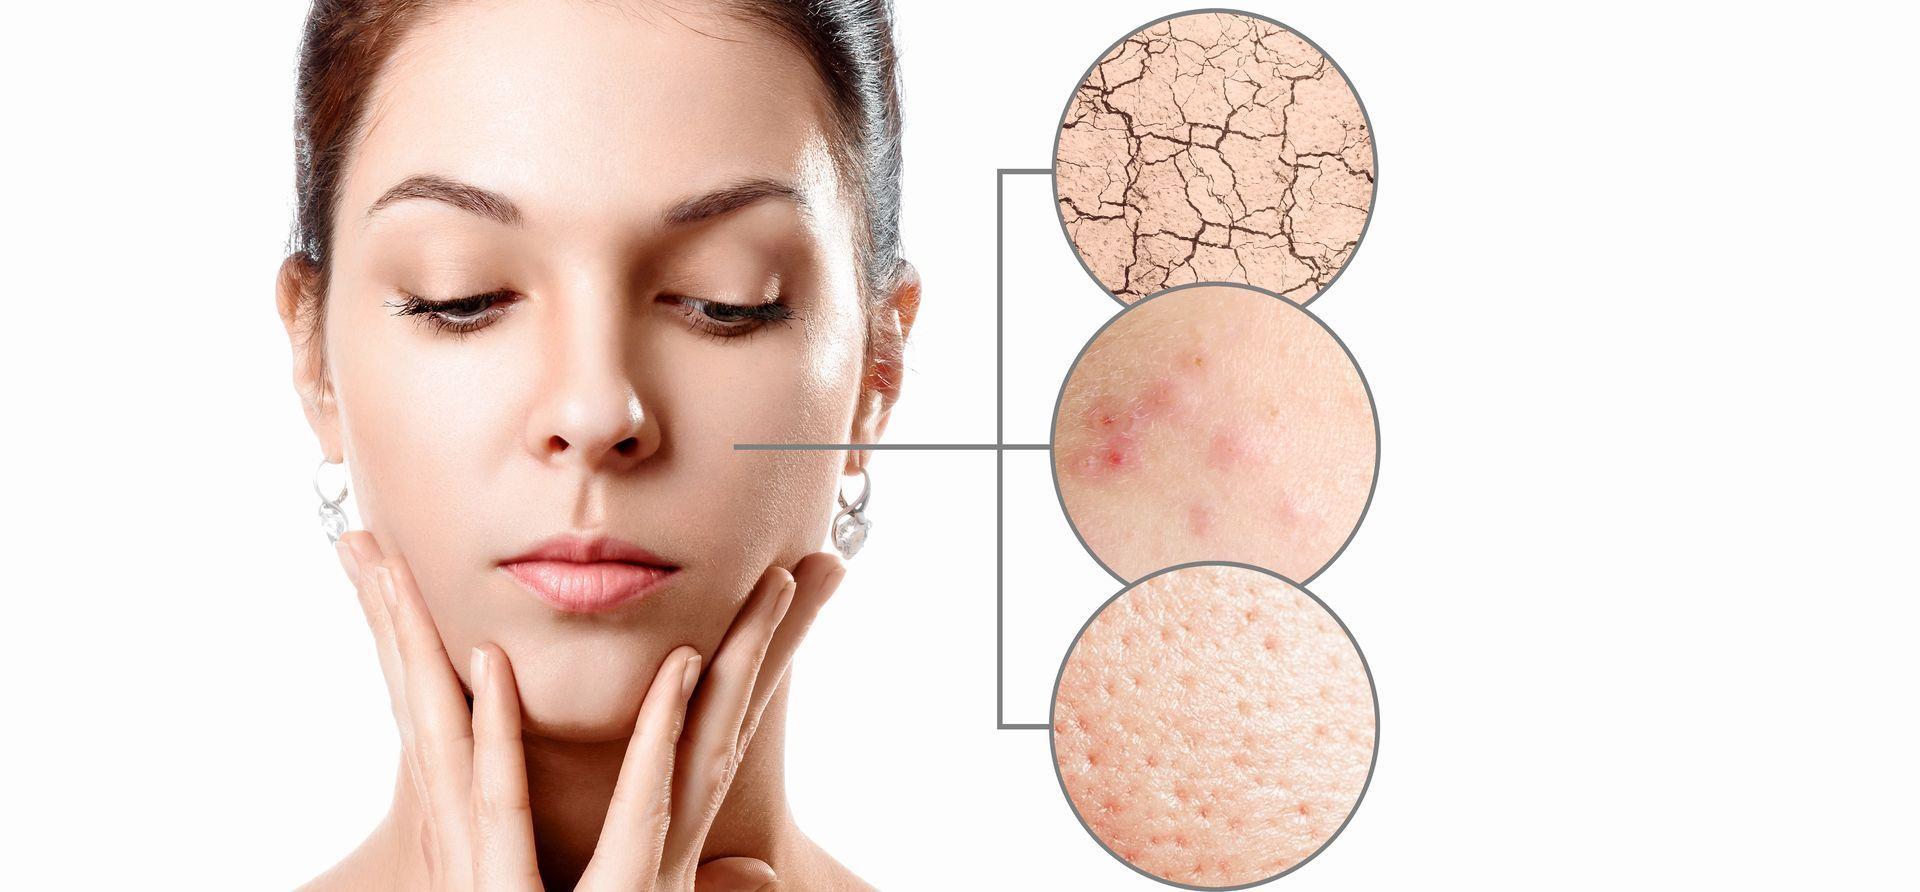 Преждевременное старение кожи и другие проблемы — жирная кожа, прыщи и угри